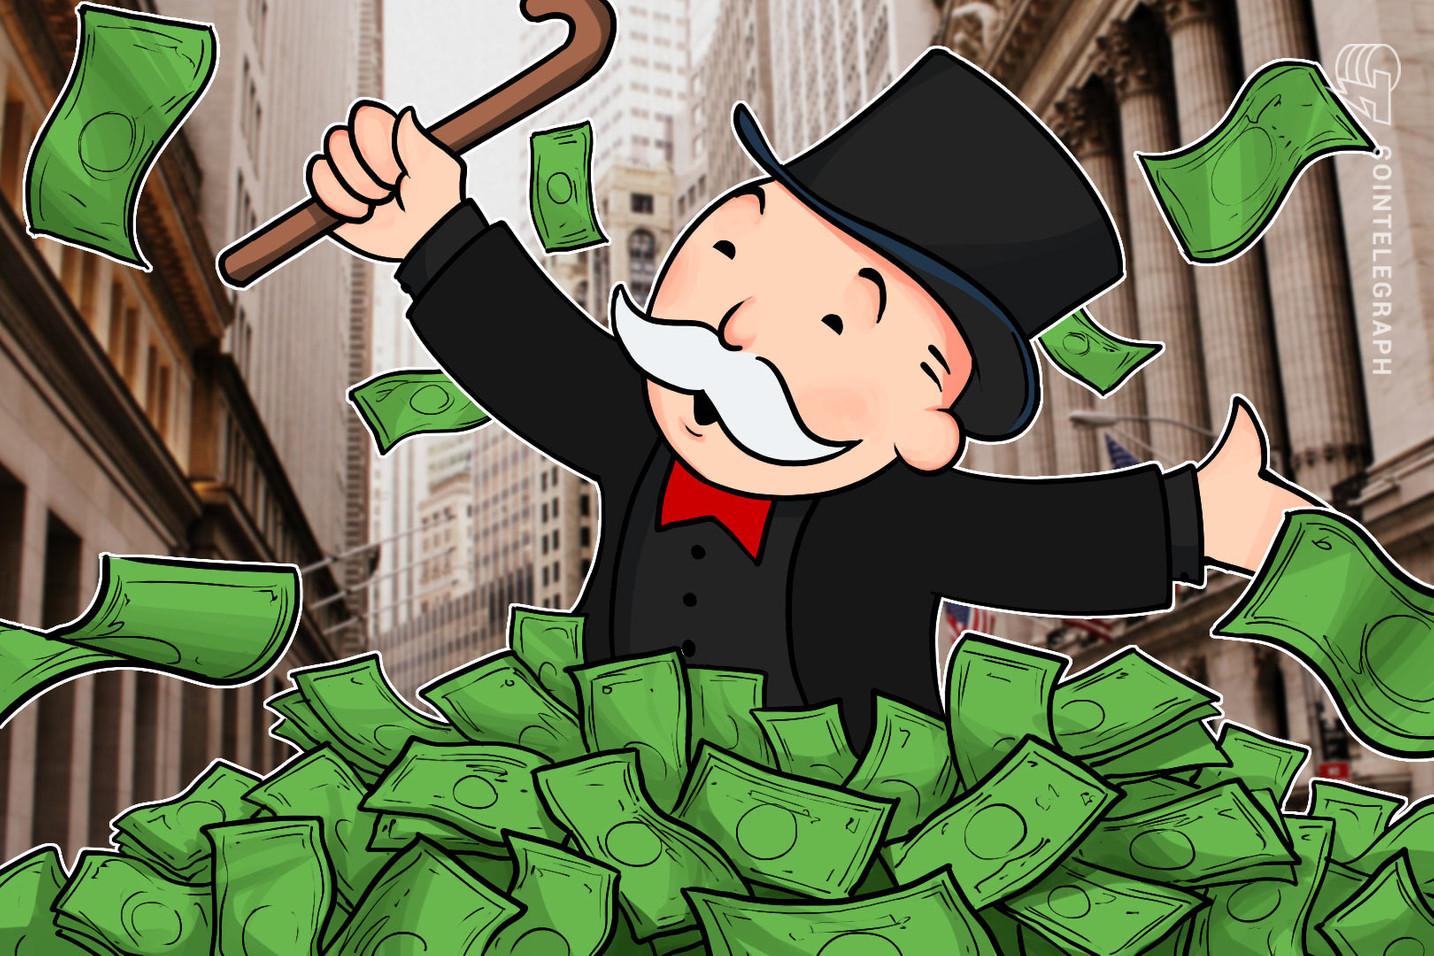 """مؤسس كاردانو المشارِك: وول ستريت سوف تجلب """"عشرات تريليونات الدولارات"""" إلى مجال العملات الرقمية"""